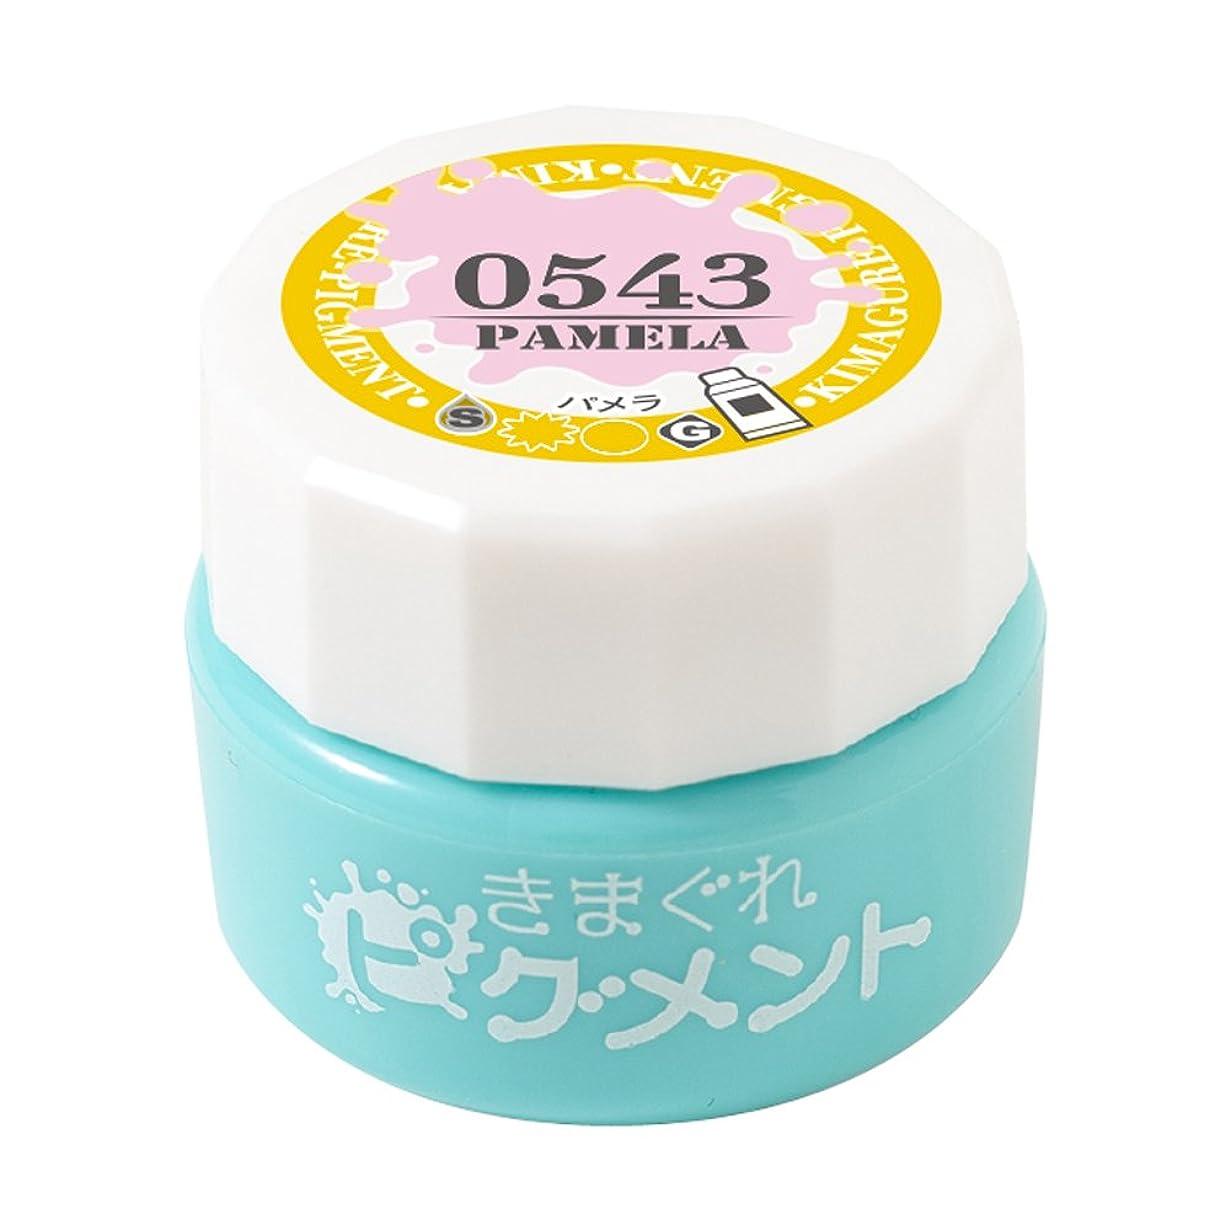 ランデブー顔料浴室Bettygel きまぐれピグメント パメラ QYJ-0543 4g UV/LED対応